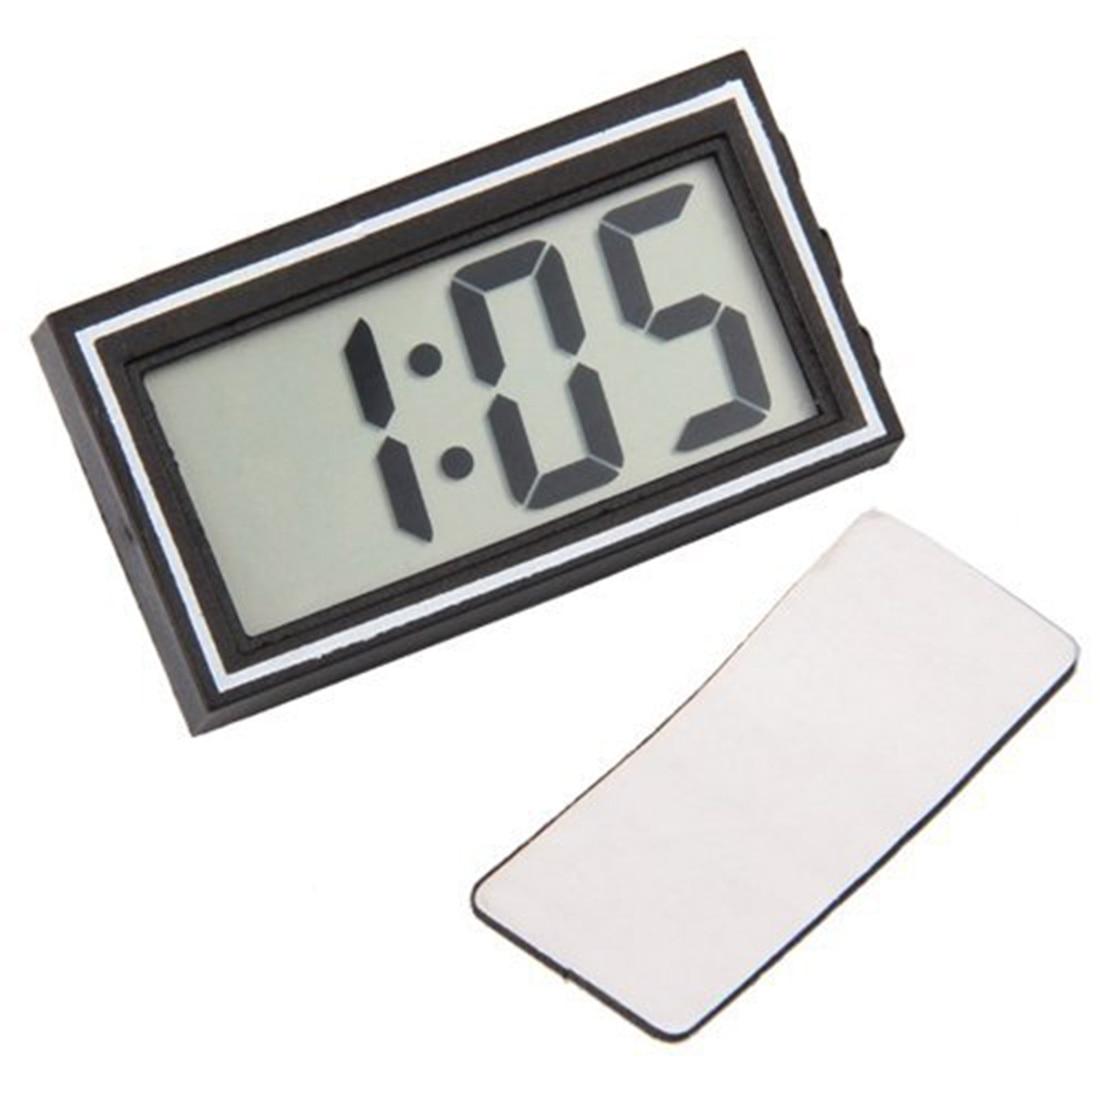 Mini Los Portátiles Electrónicos de Escritorio de Coches Dashboard Reloj Fecha H